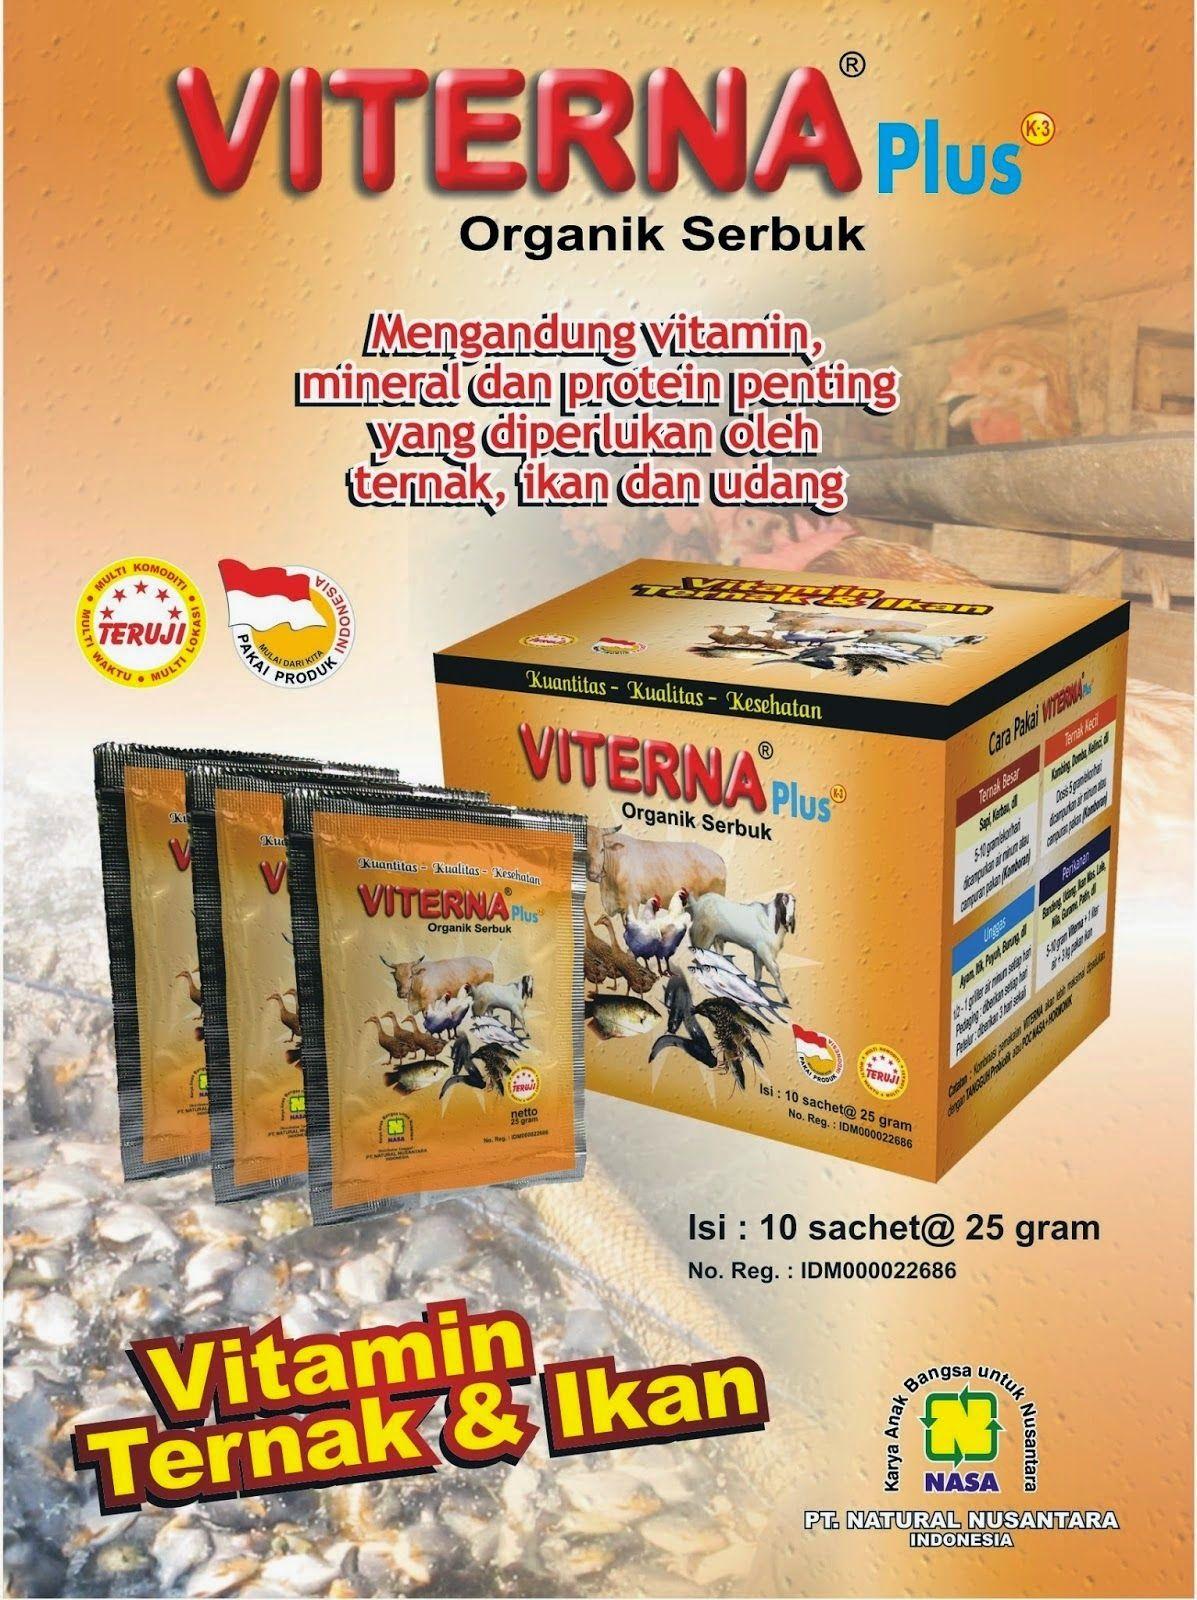 Pupuk Nasa Purbalinga Viterna Serbuk Purbalingga Vitamin